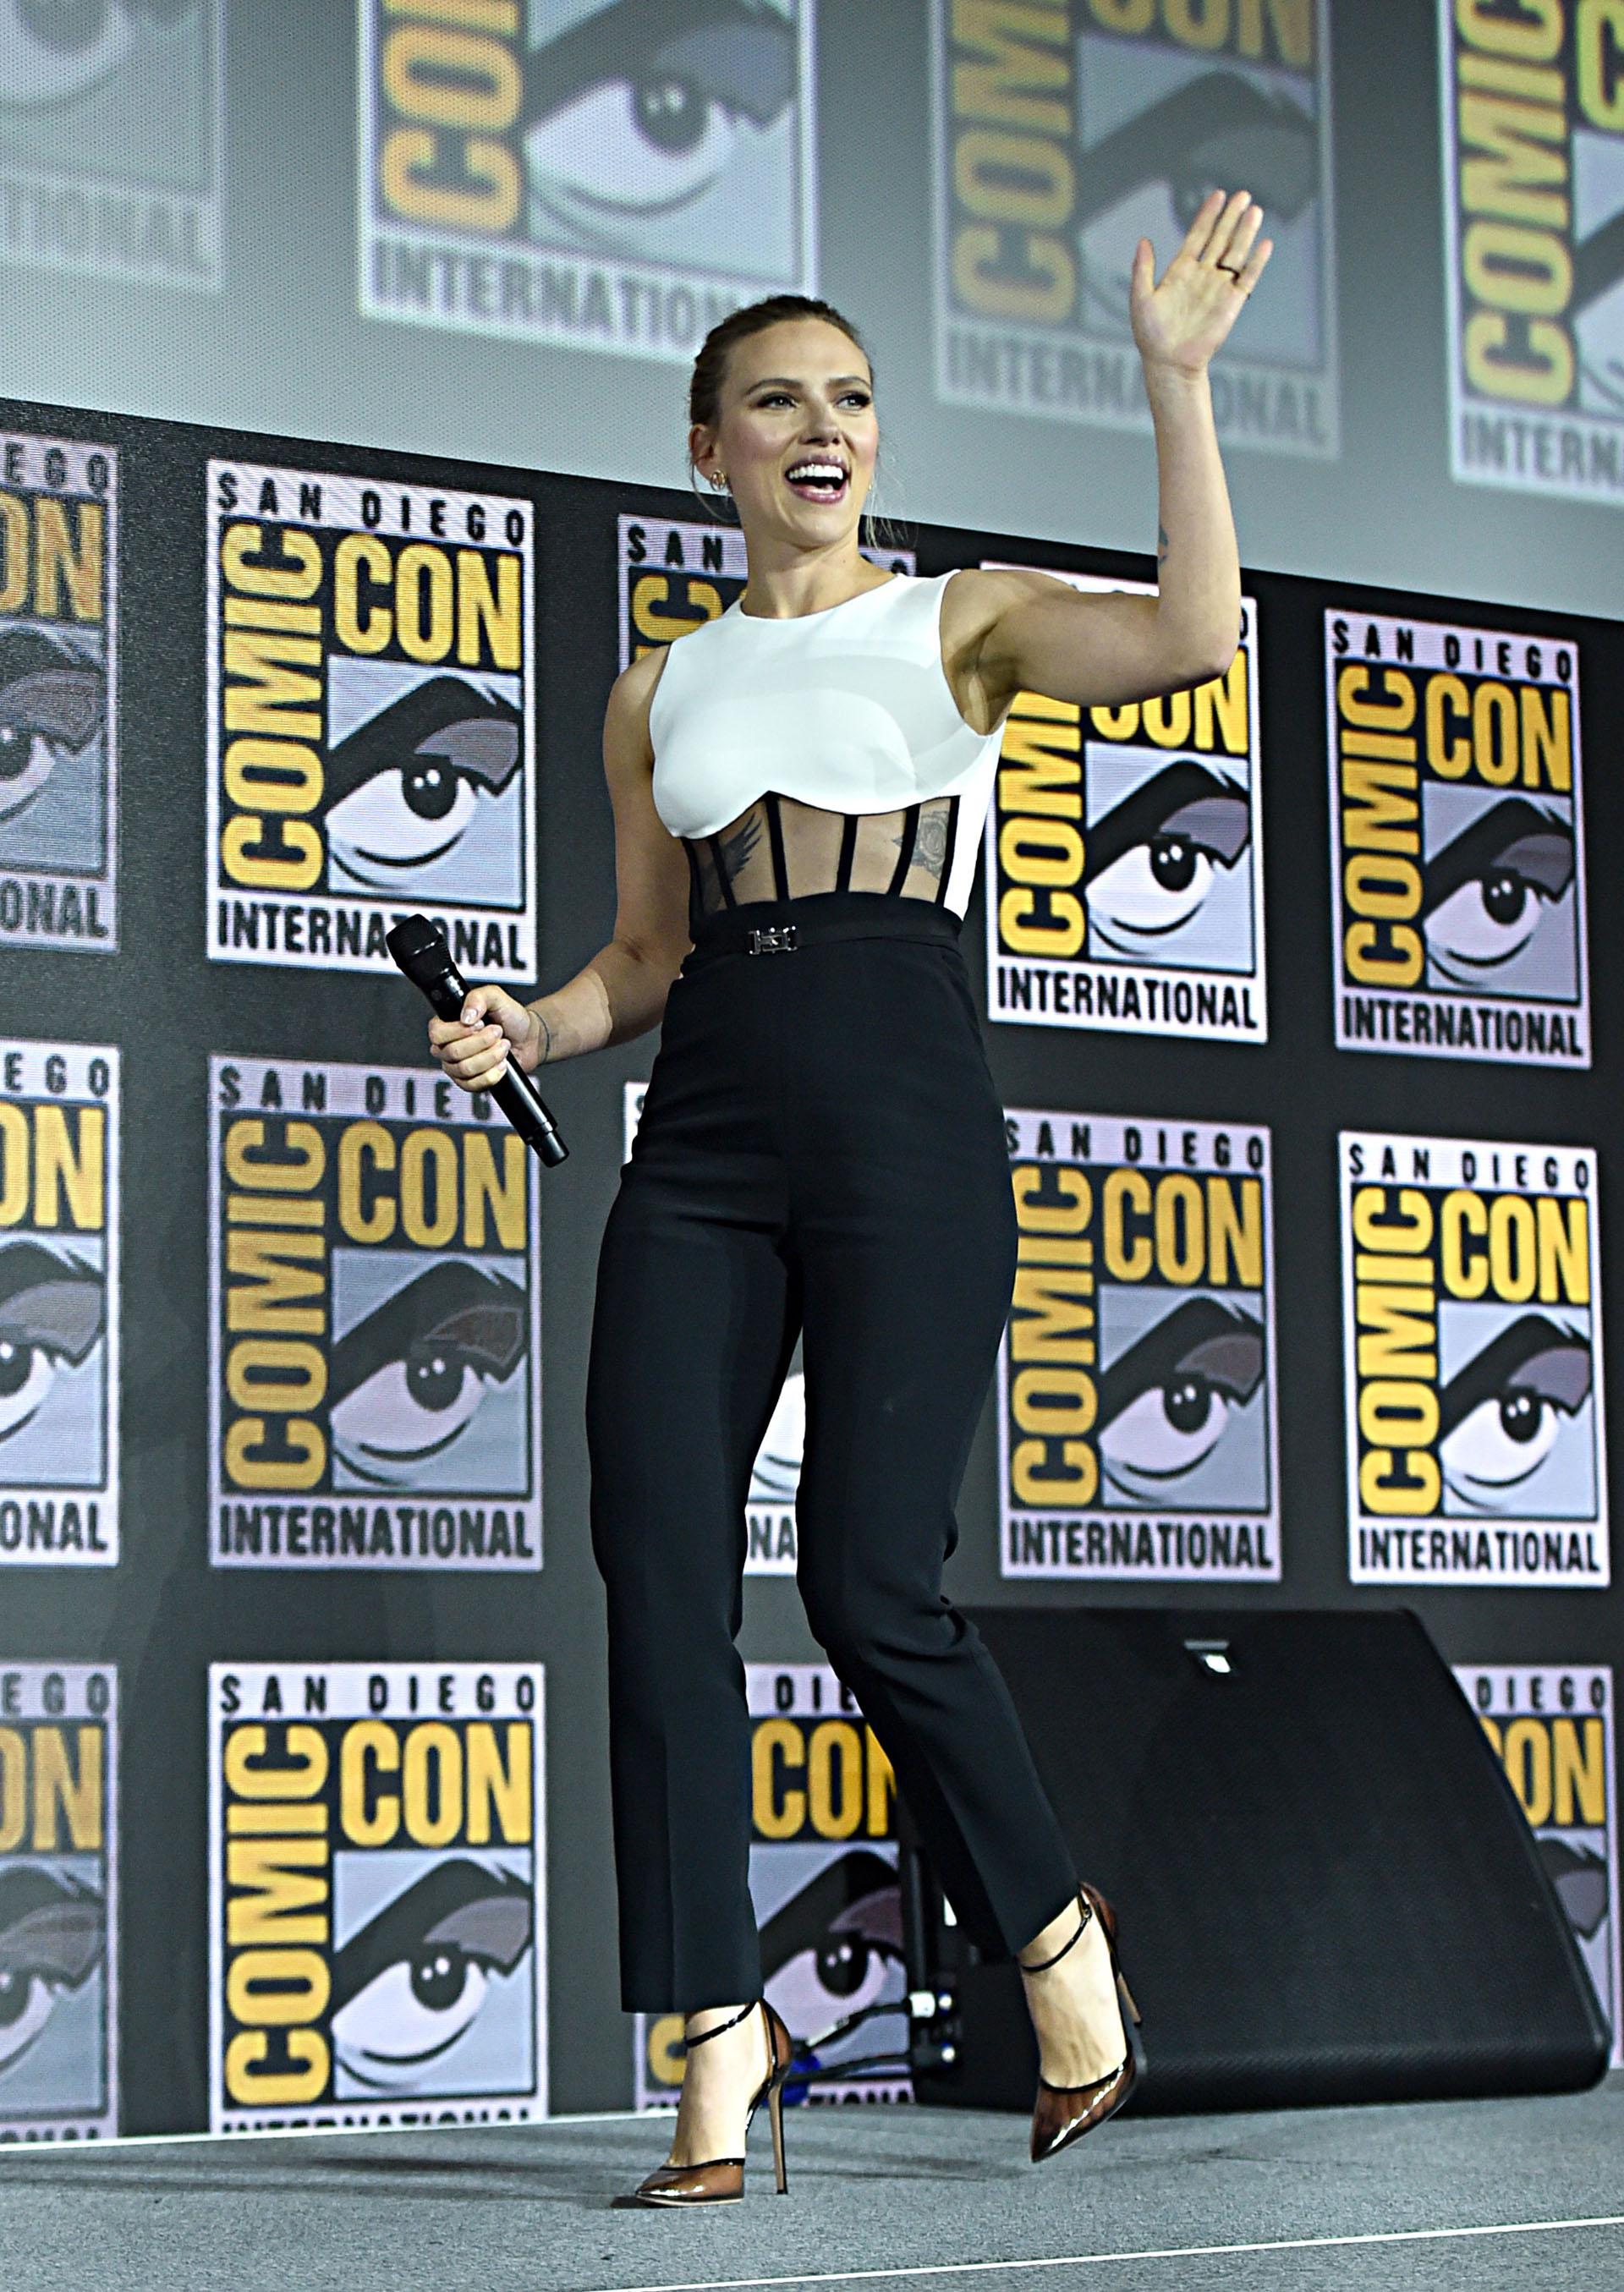 Scarlett Johansson lideró el panel de la 'Viuda Negra', para la ocasión llevó un look bicolor. Con una apuesta bicolor en blanco y negro,lució unos pantalones rectos negros de talle alto que combinó con un top sin mangas con cuerpo de corpiño semitransparente en blanco y negro.